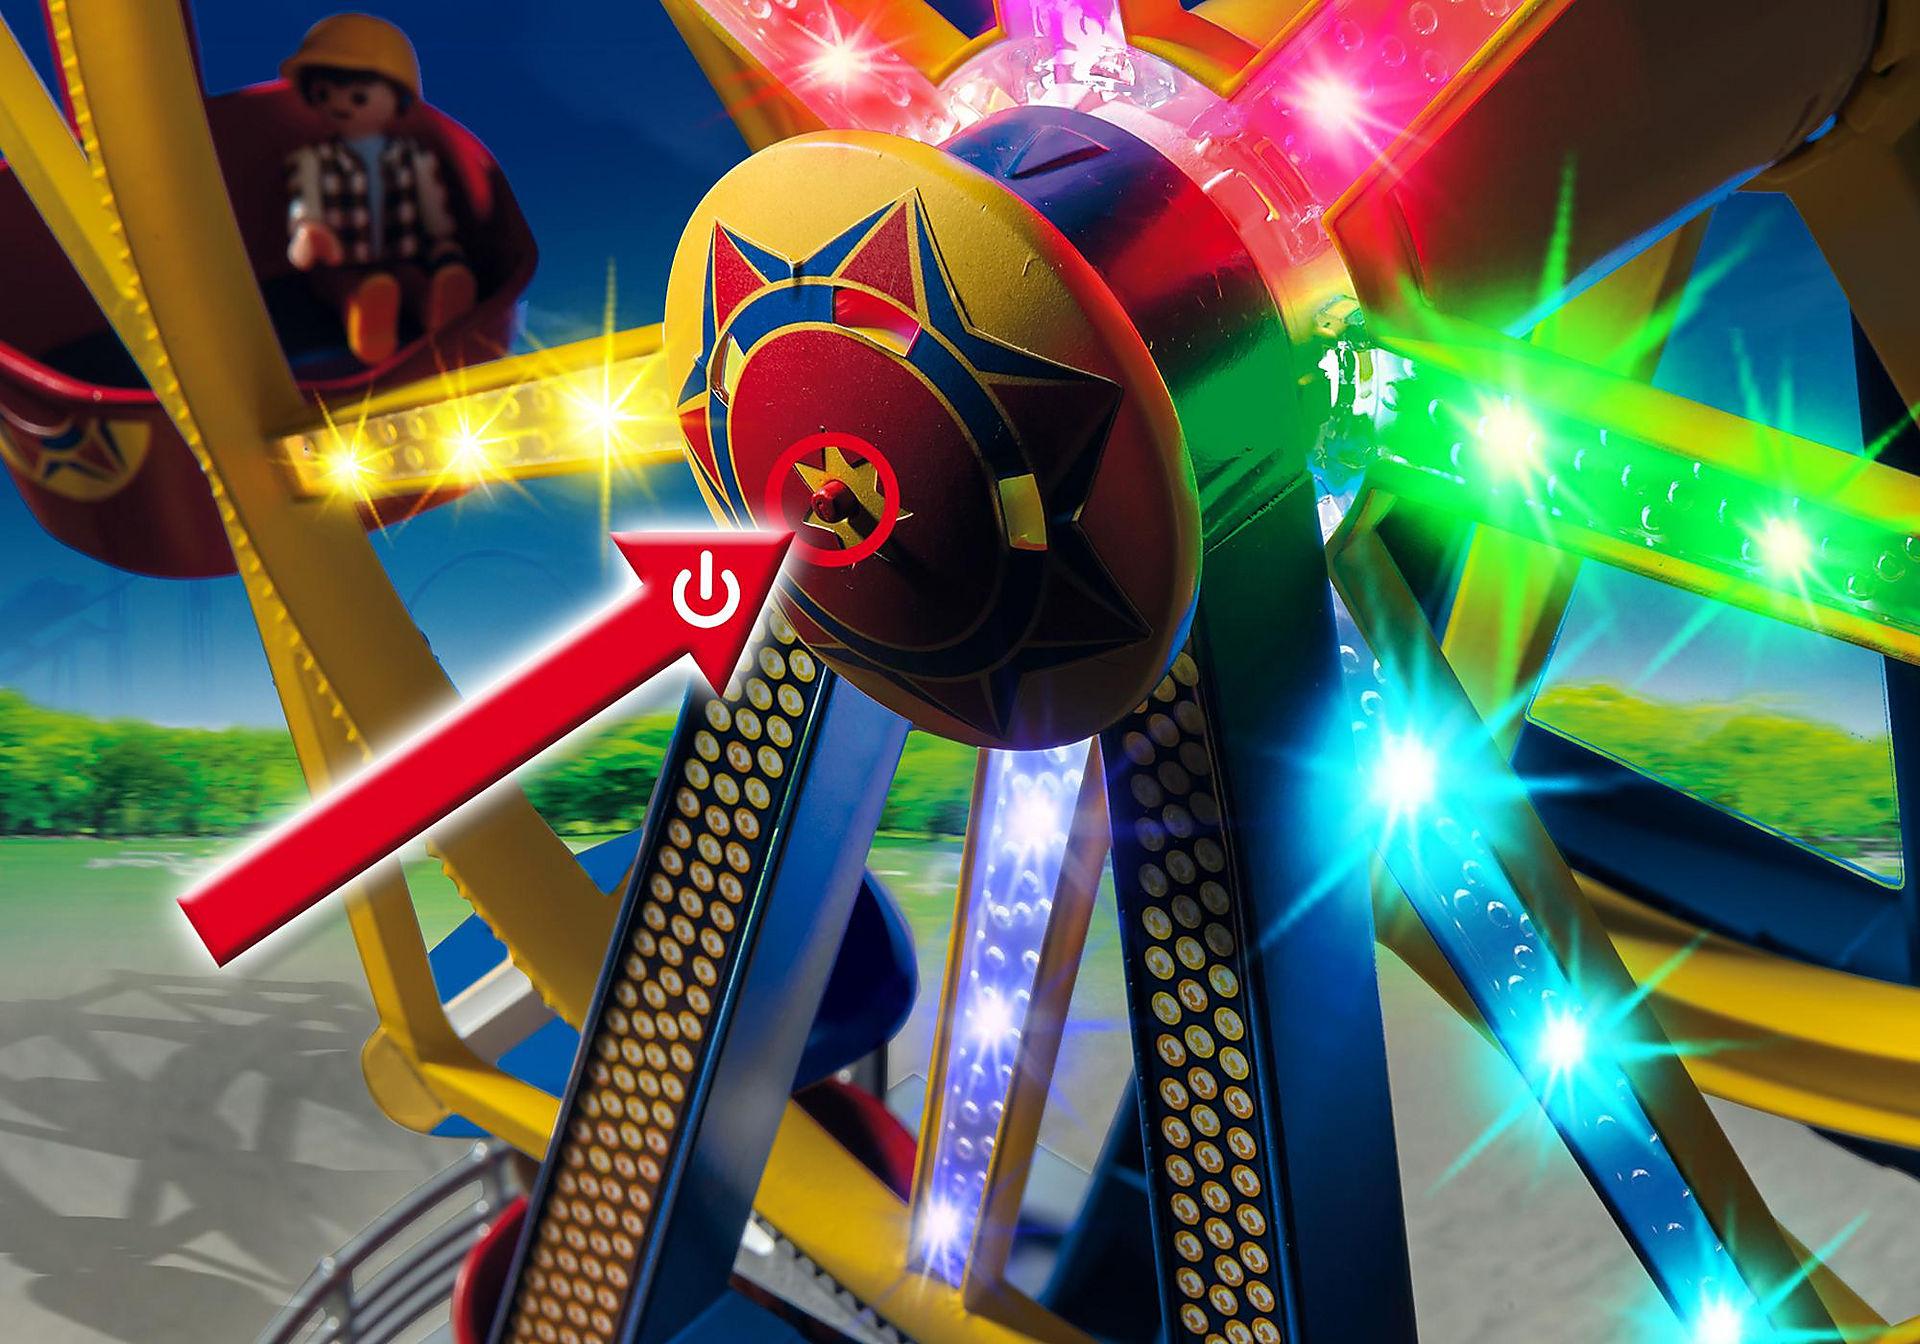 http://media.playmobil.com/i/playmobil/5552_product_extra1/Groot draairad met kleurrijke verlichting